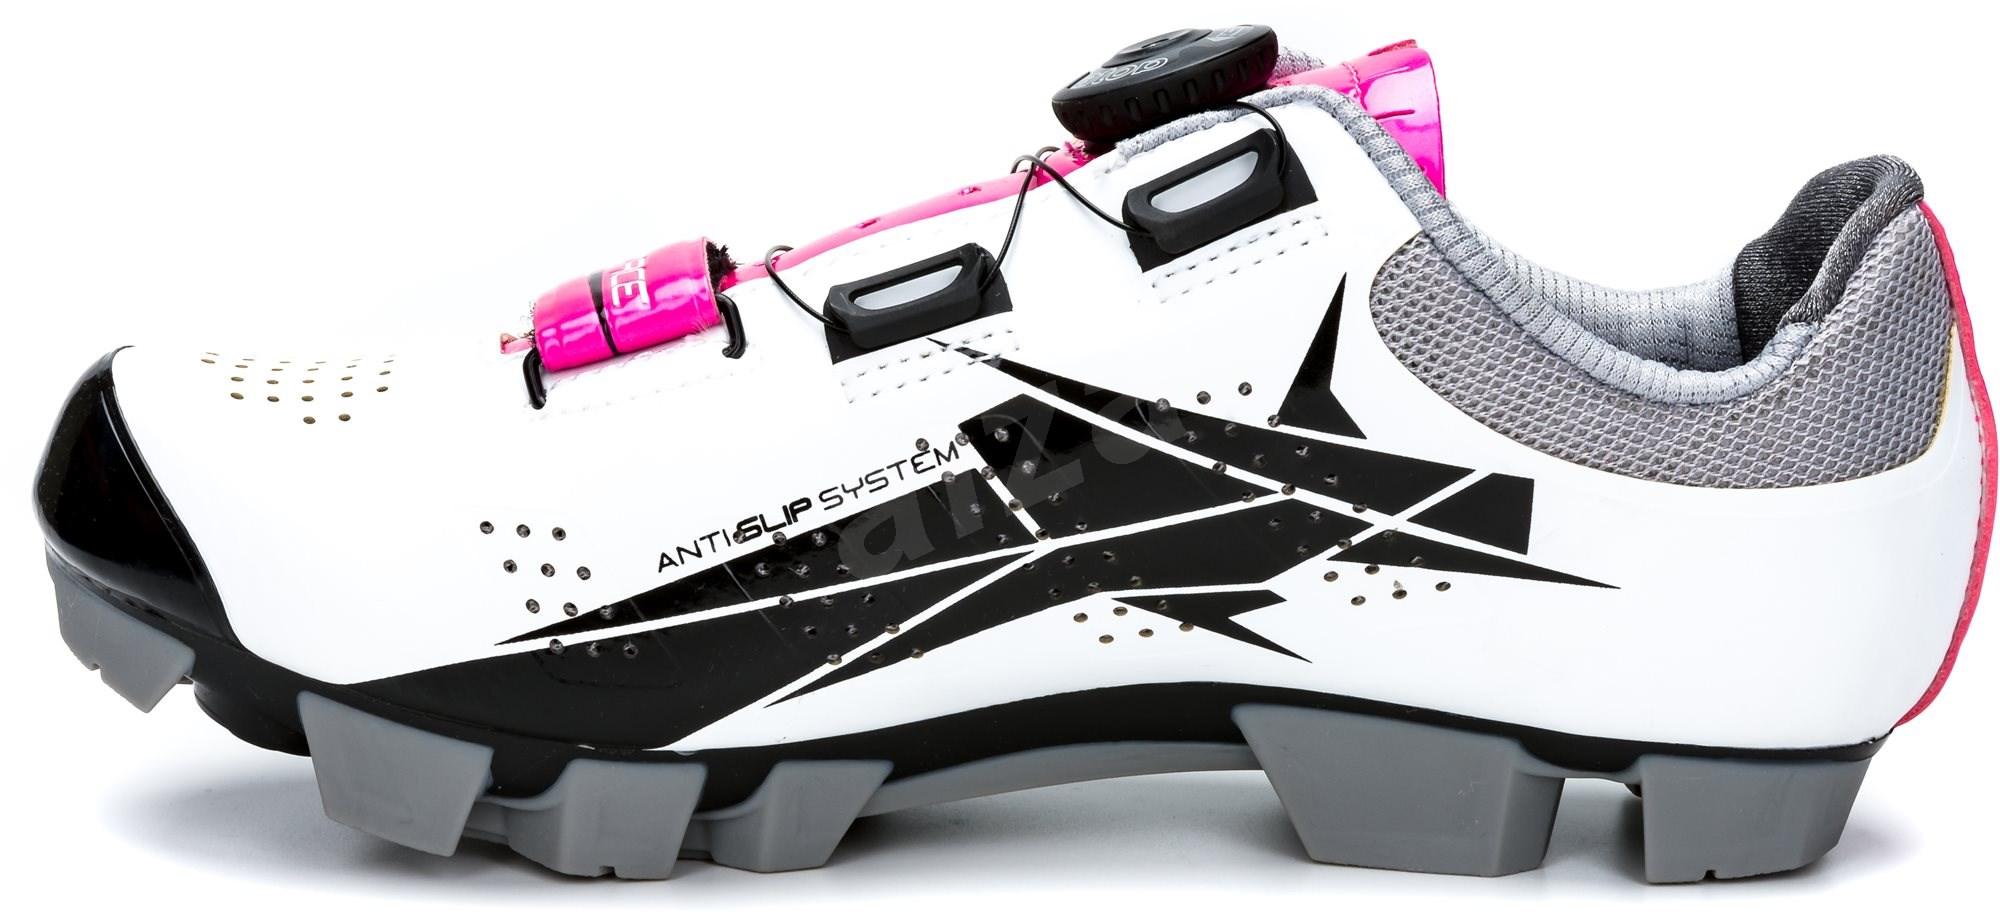 Force MTB Crystal - fehér/ rózsaszín  mérete 36/225 mm - Kerékpáros cipő.